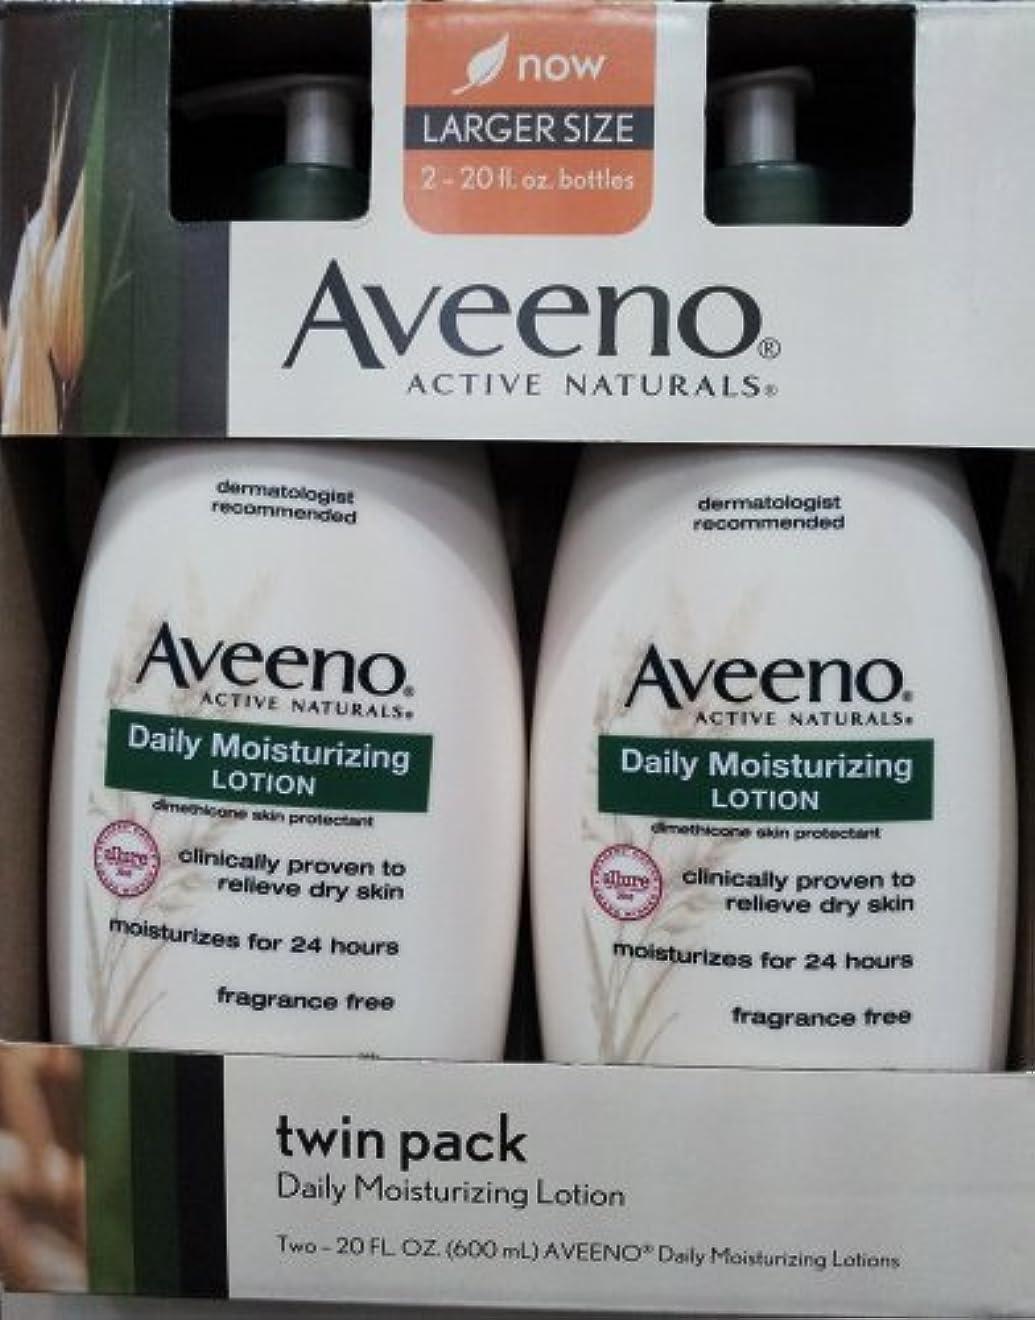 ボーダーコミュニケーション床を掃除するAveeno Active Naturals Daily Moisturizing Lotion, NEW 2 pack of 20 FL oz Pump [並行輸入品]